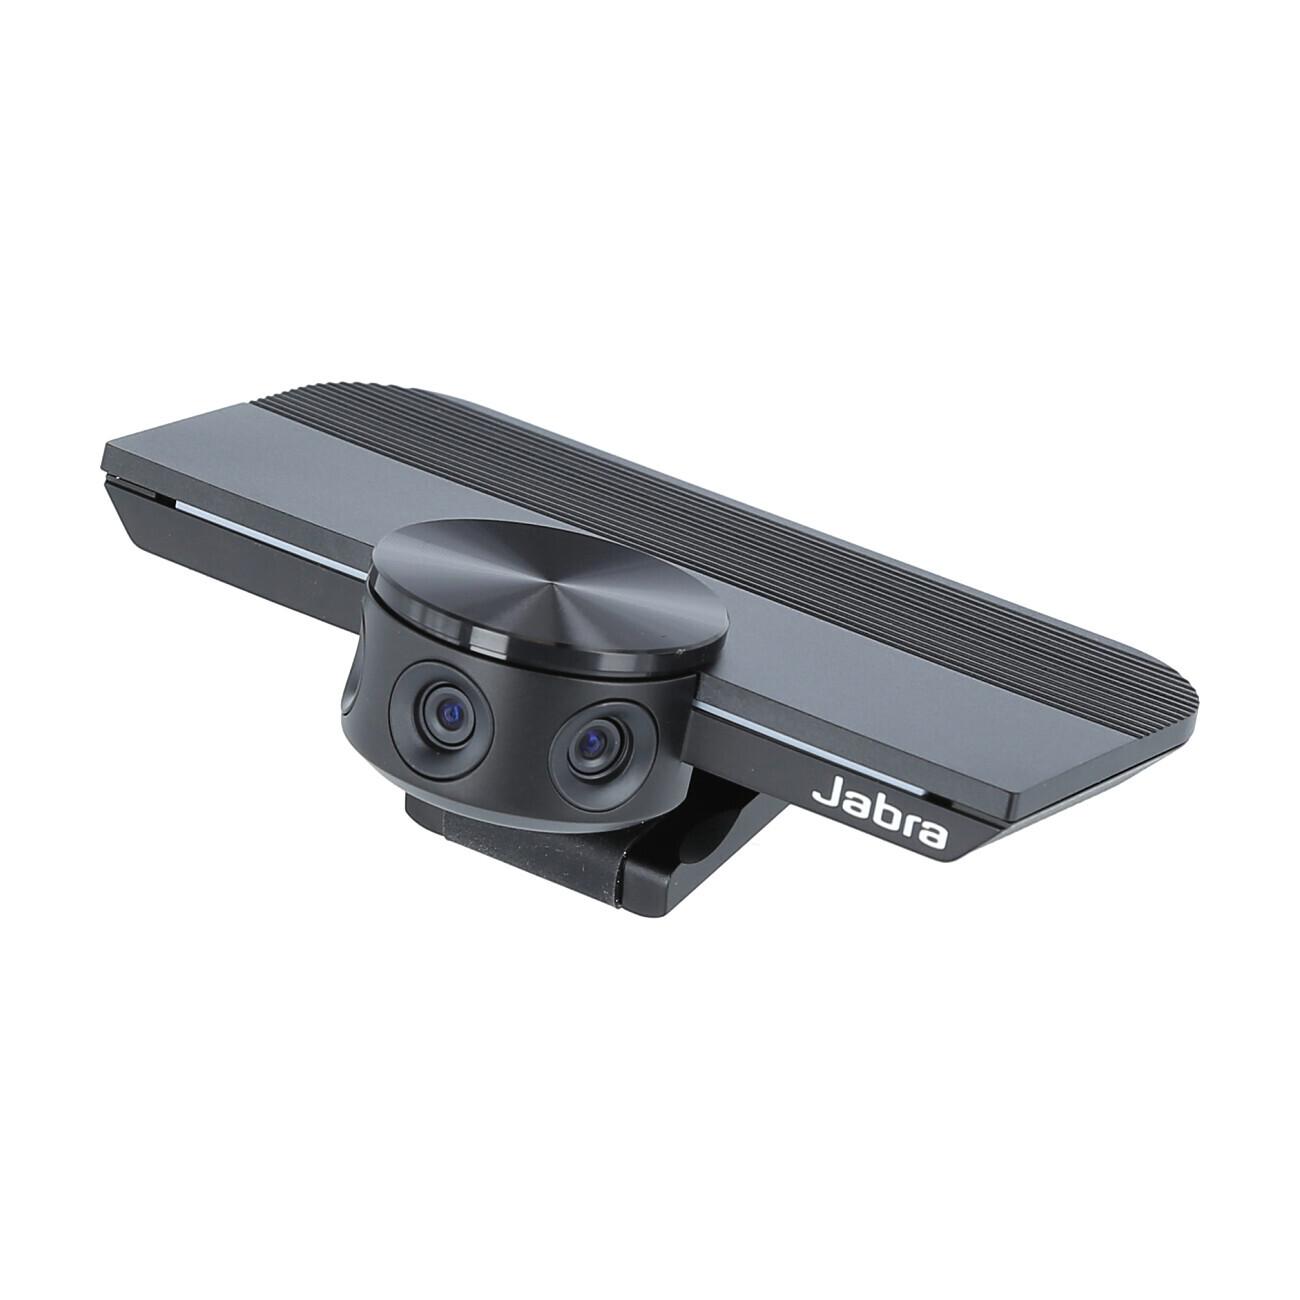 Jabra PanaCast - caméra panoramique 4K, 180°, connexion USB-C, certifiée par Microsoft Teams